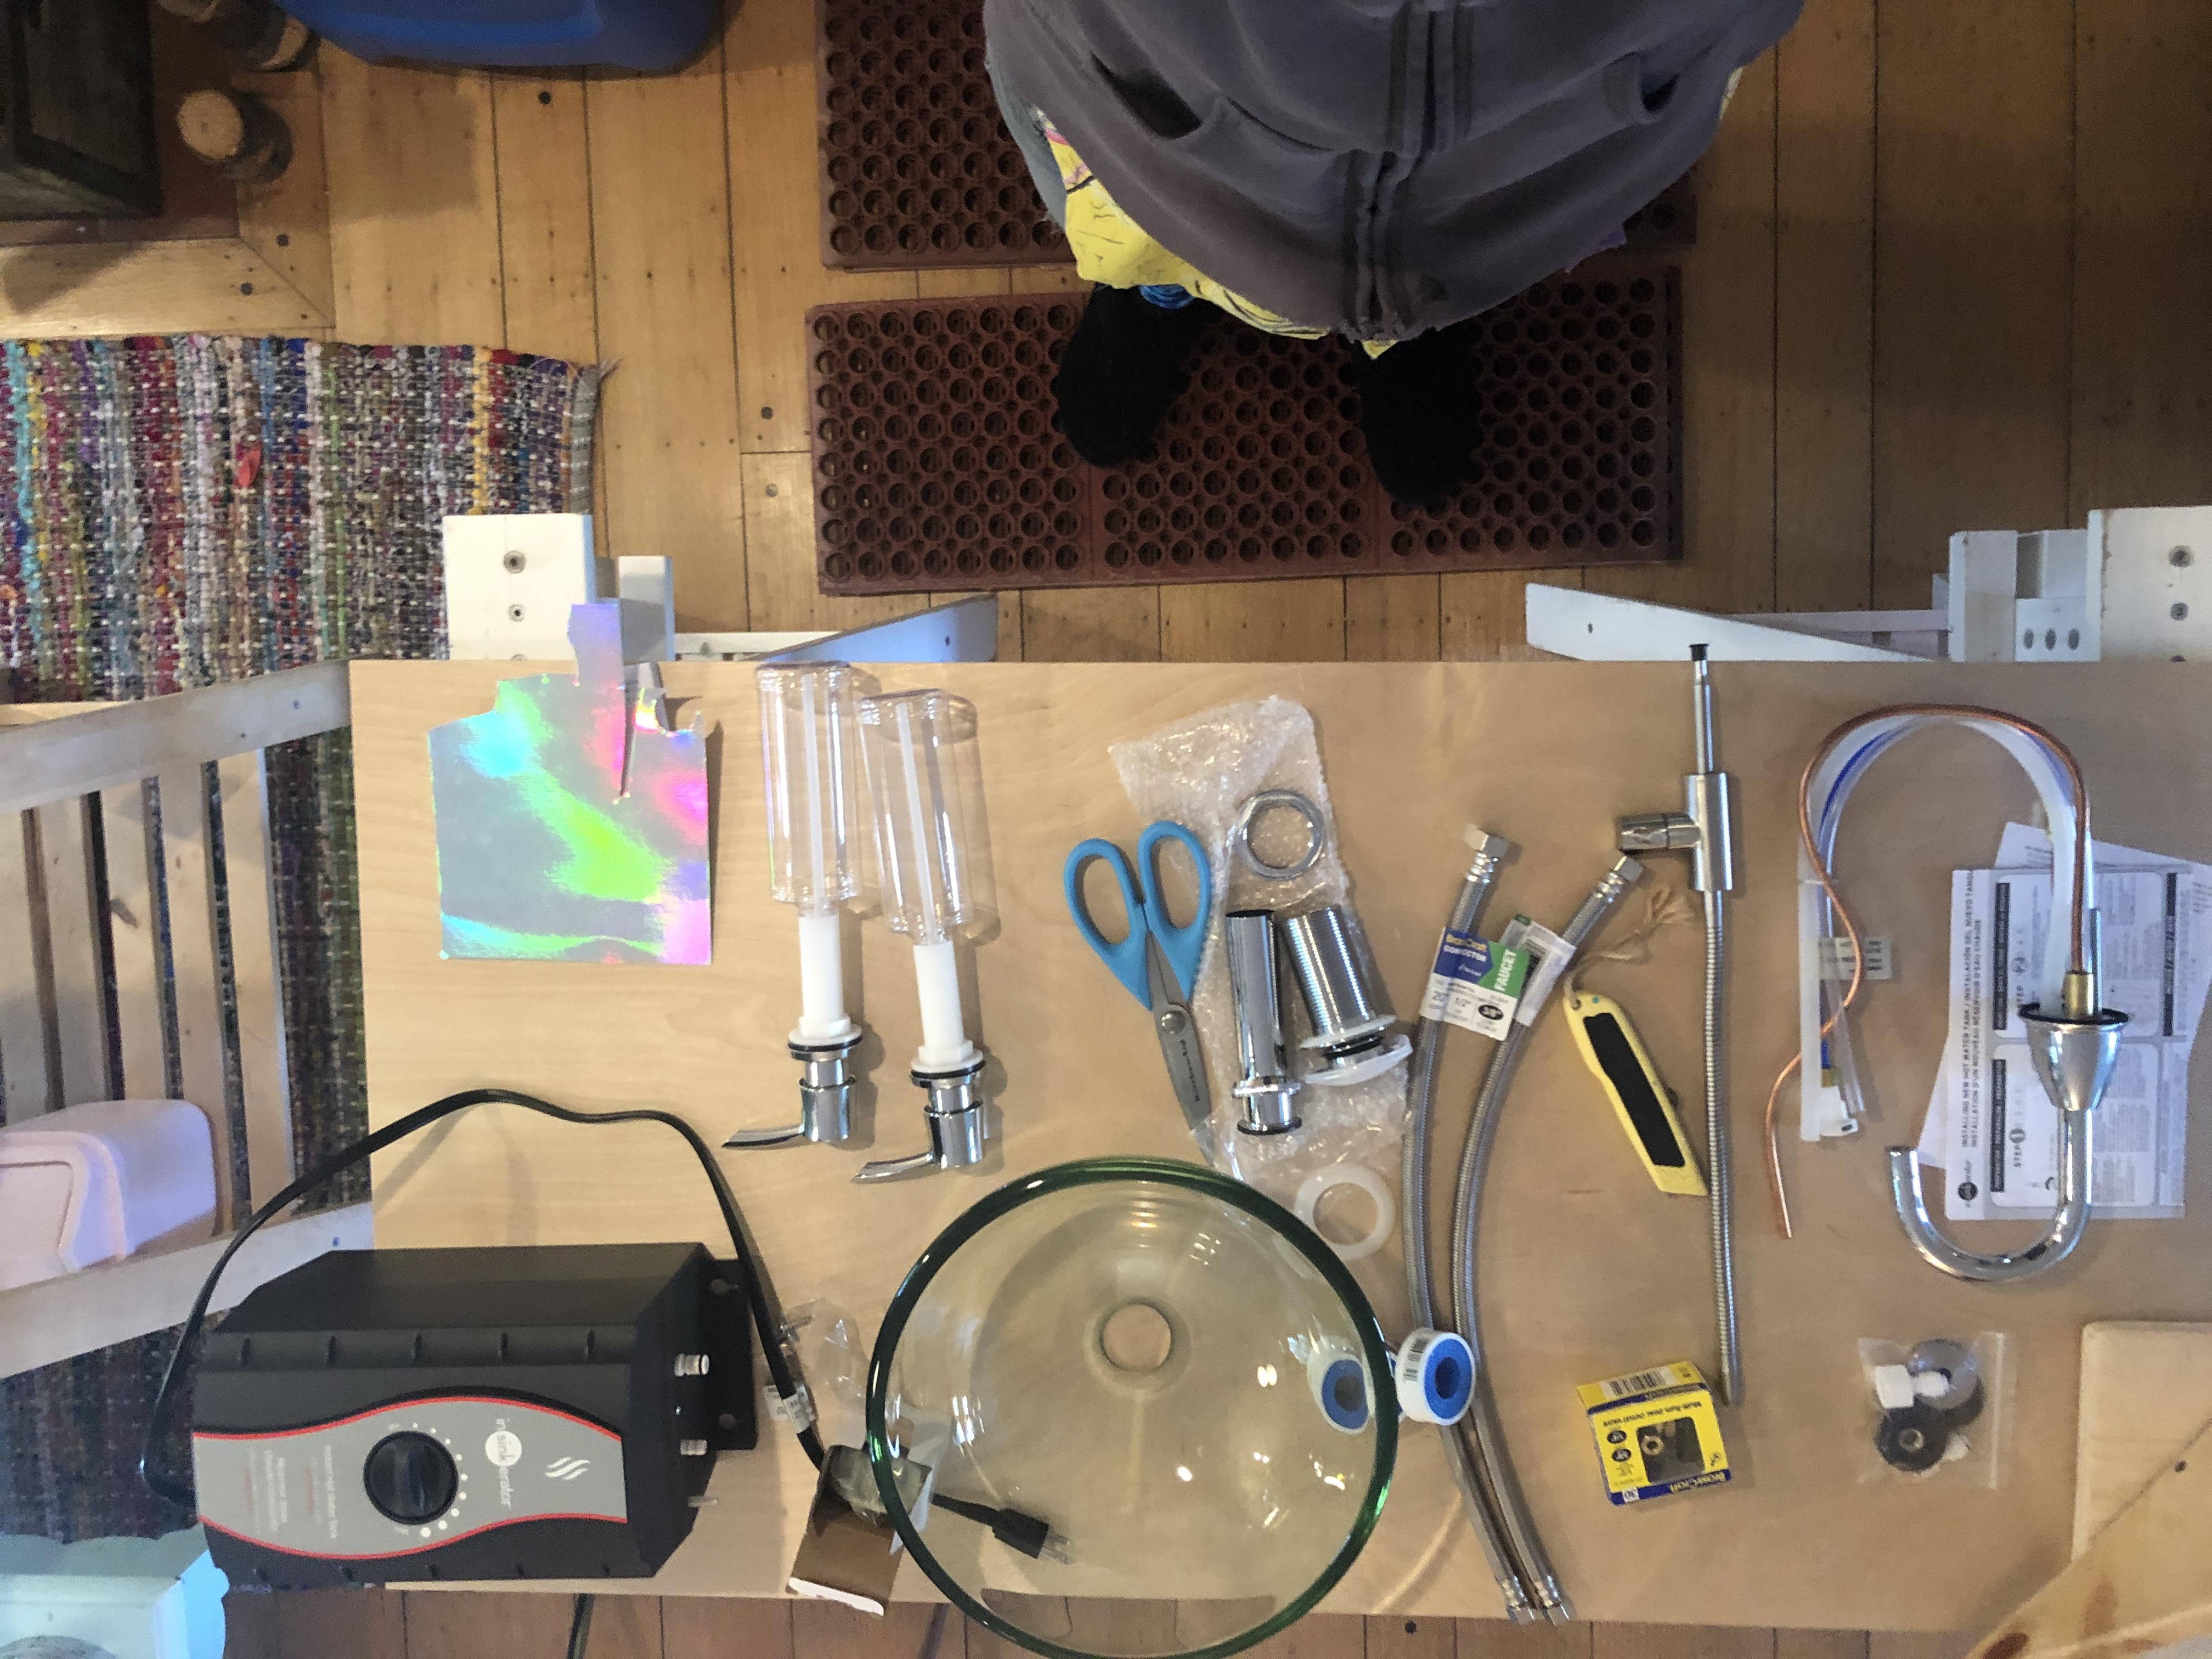 Got the Parts!